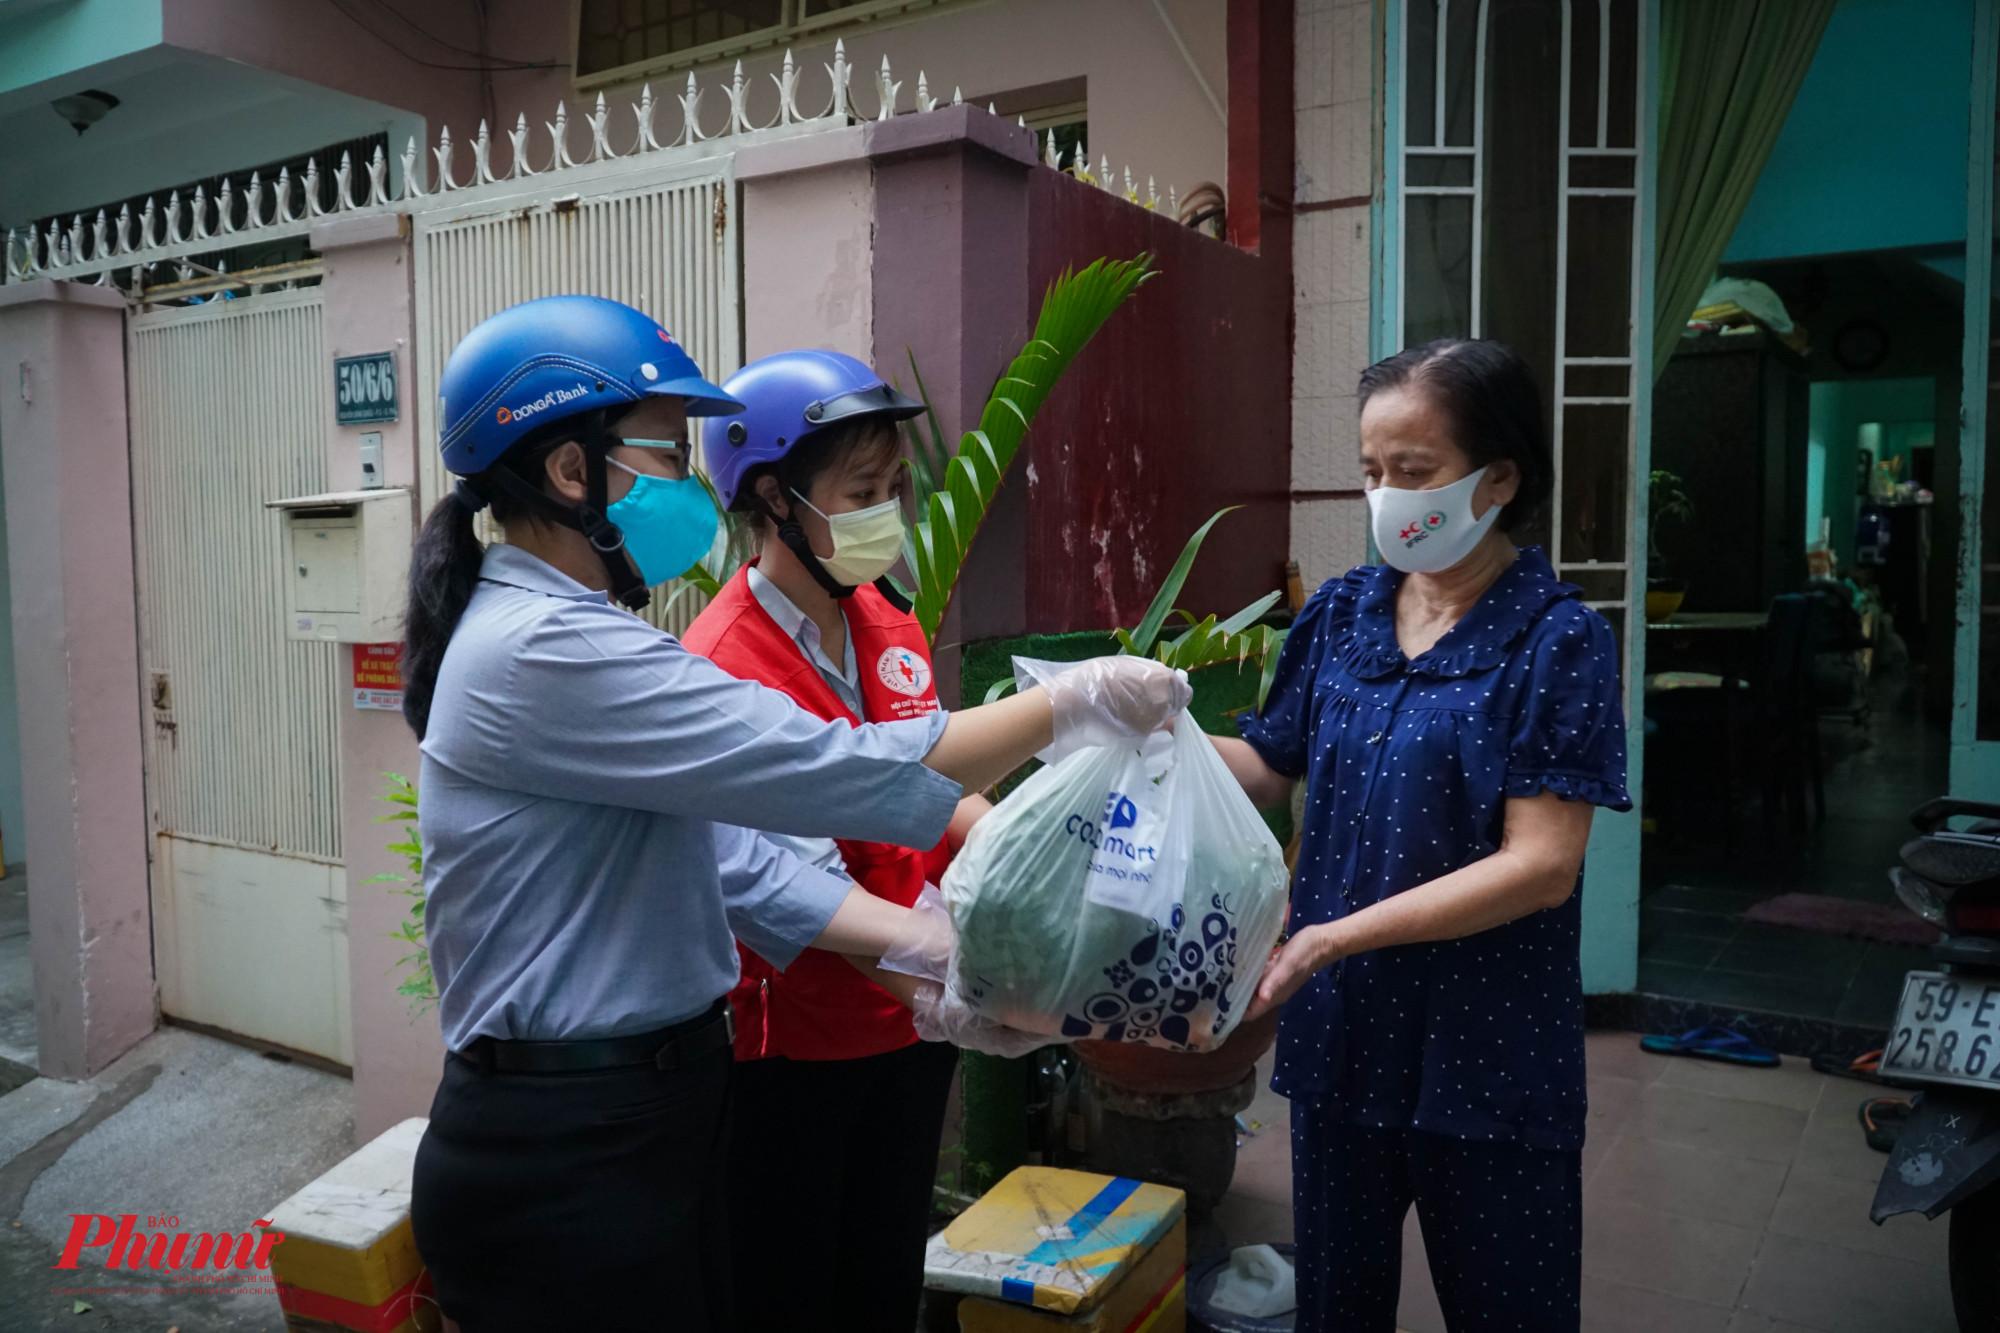 Mô hình đi chợ giúp người dân được phường 3, quận Phú Nhuận thực hiện từ ngày 10/7 - 1 ngày sau khi Chỉ thị 16 có hiệu lực